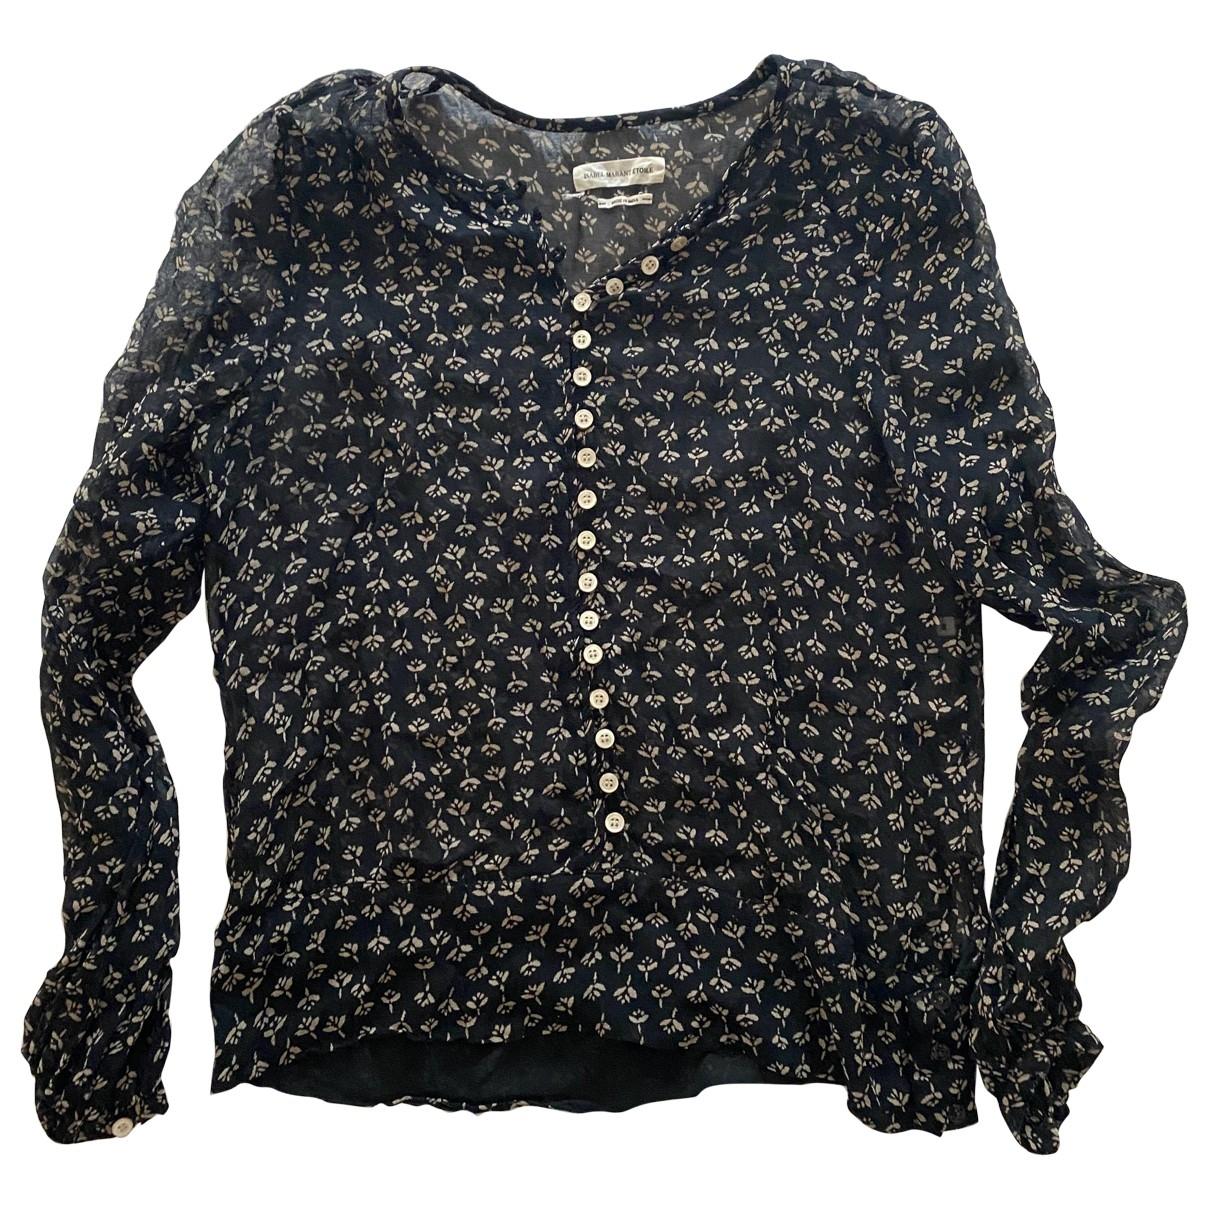 Isabel Marant Etoile \N Black  top for Women 38 FR